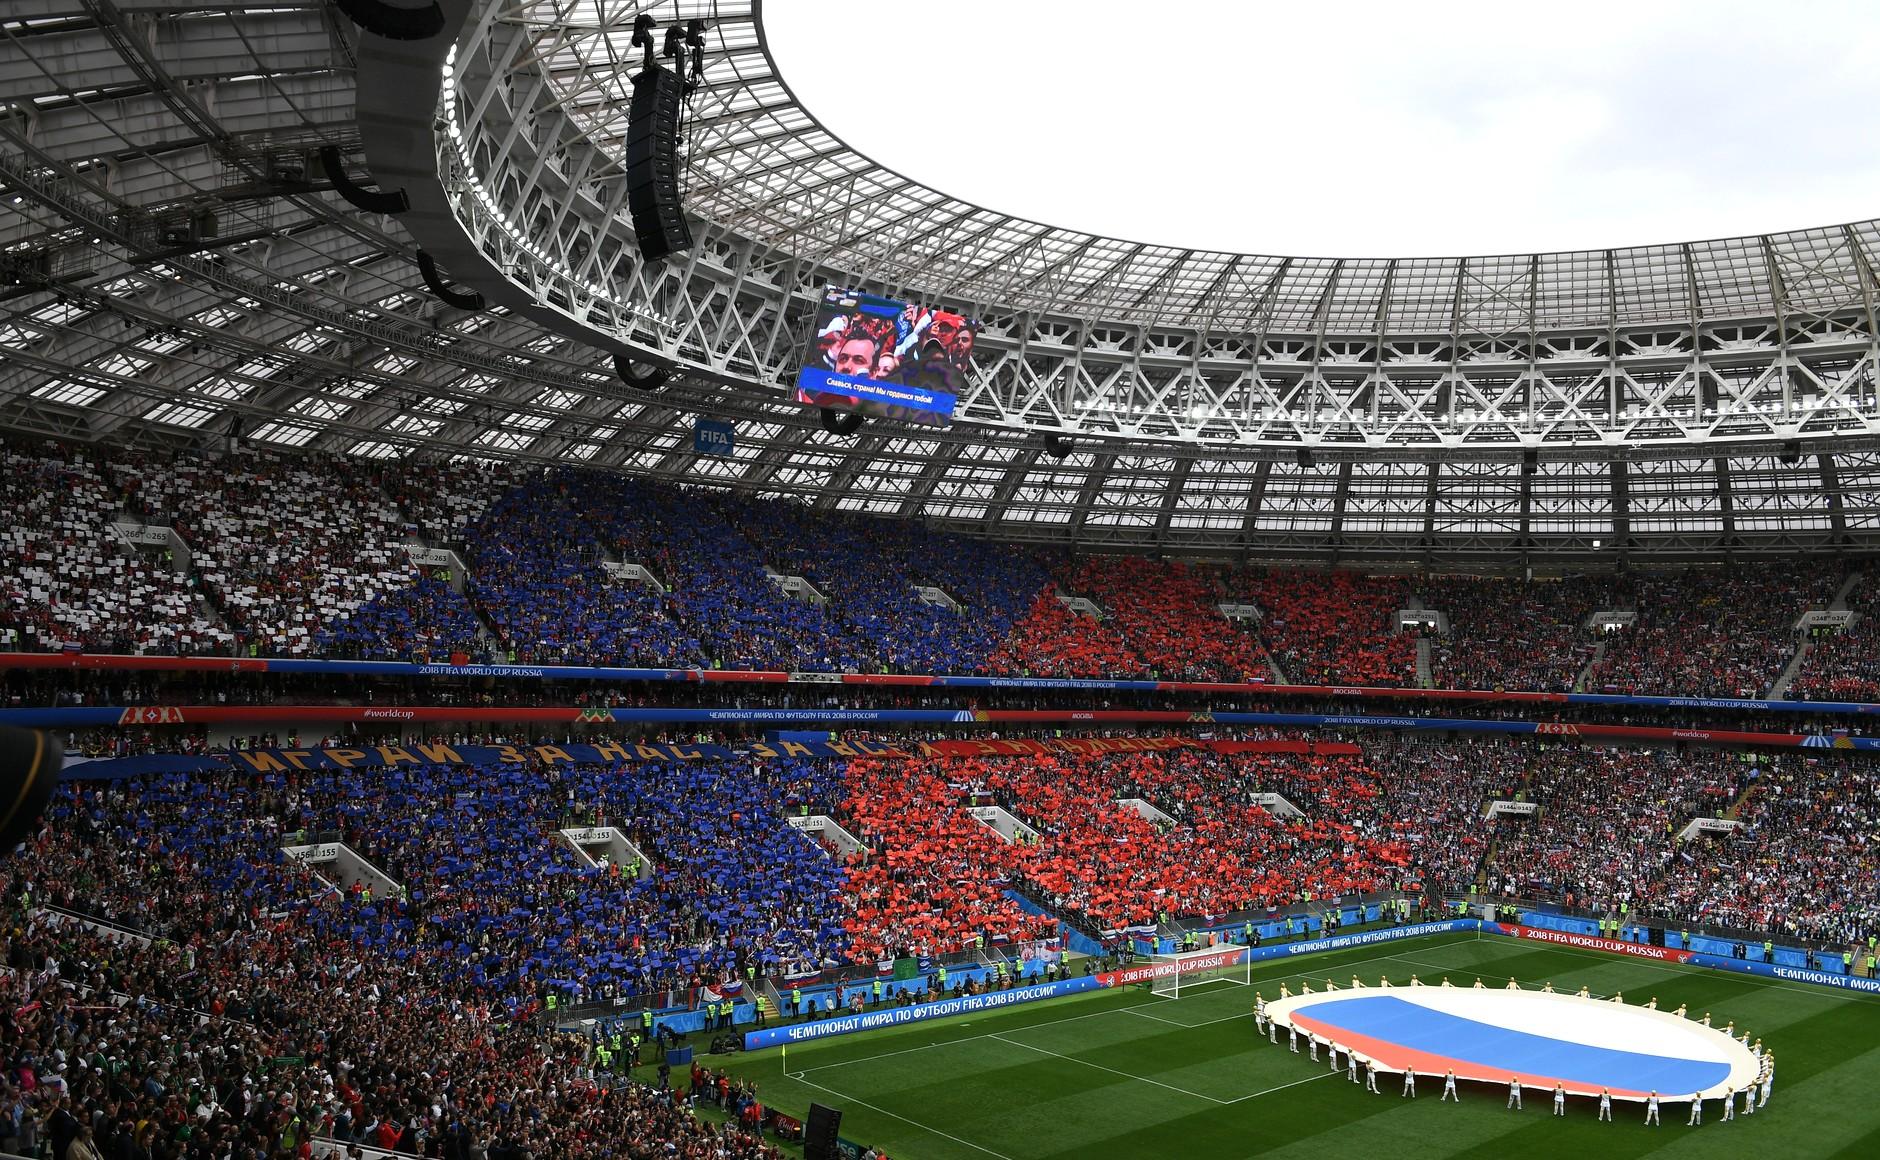 Medvegyev: Oroszországnak 200 milliárd rubel nyereséget hozott a vb